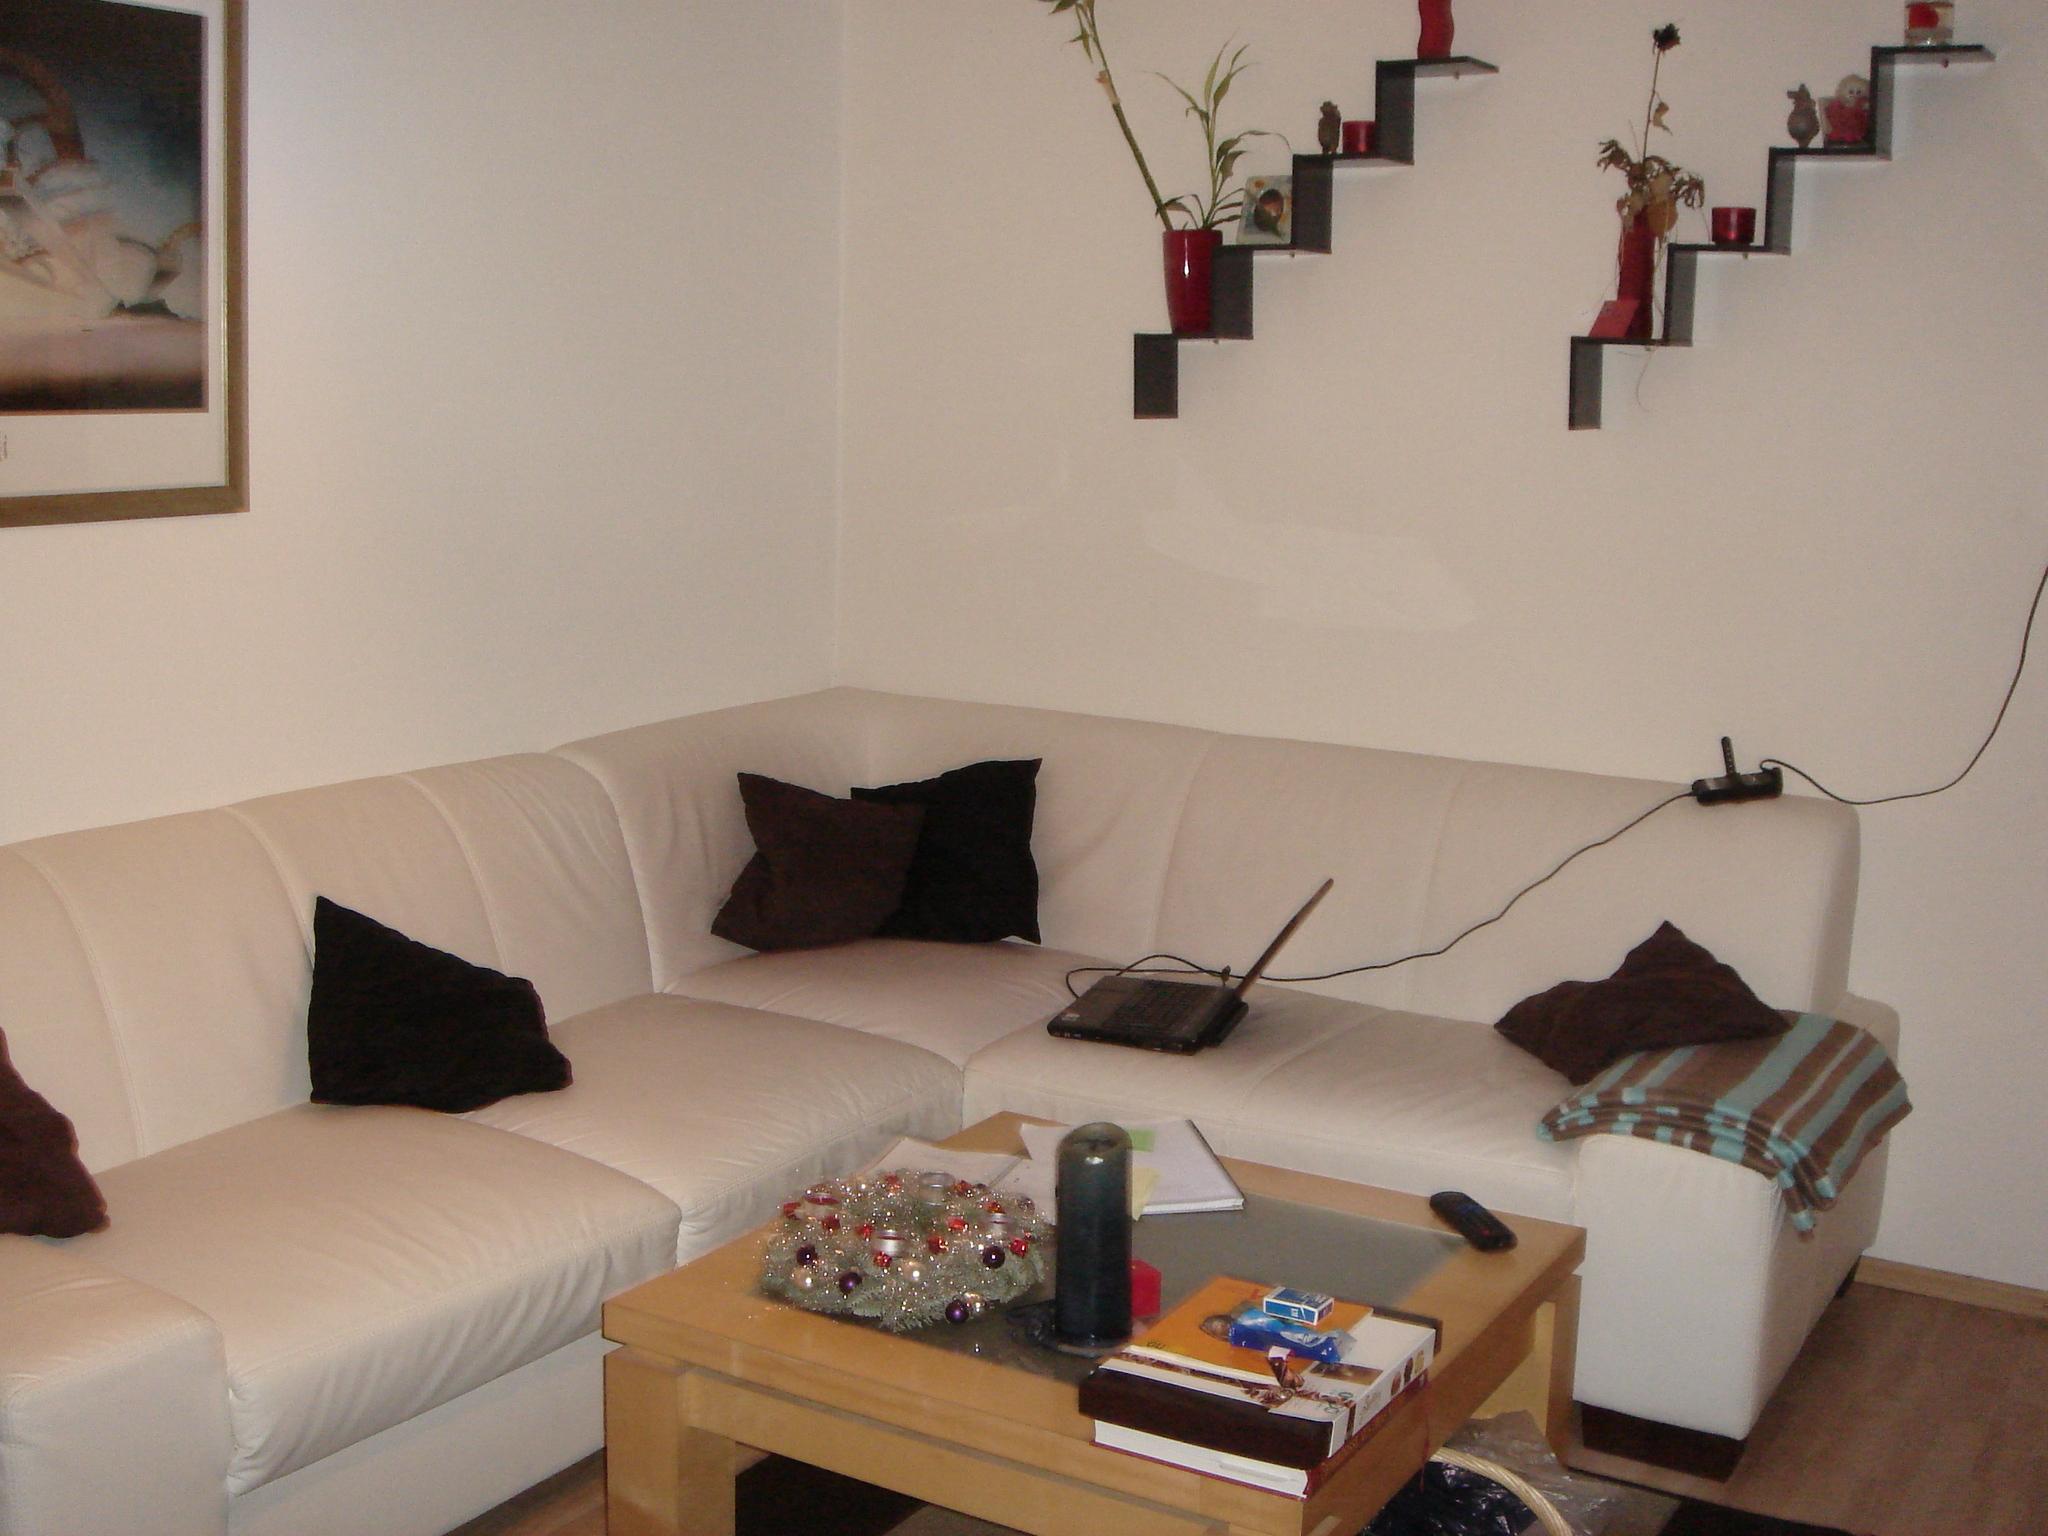 Kleinanzeigen polster, sessel, couch   seite 5